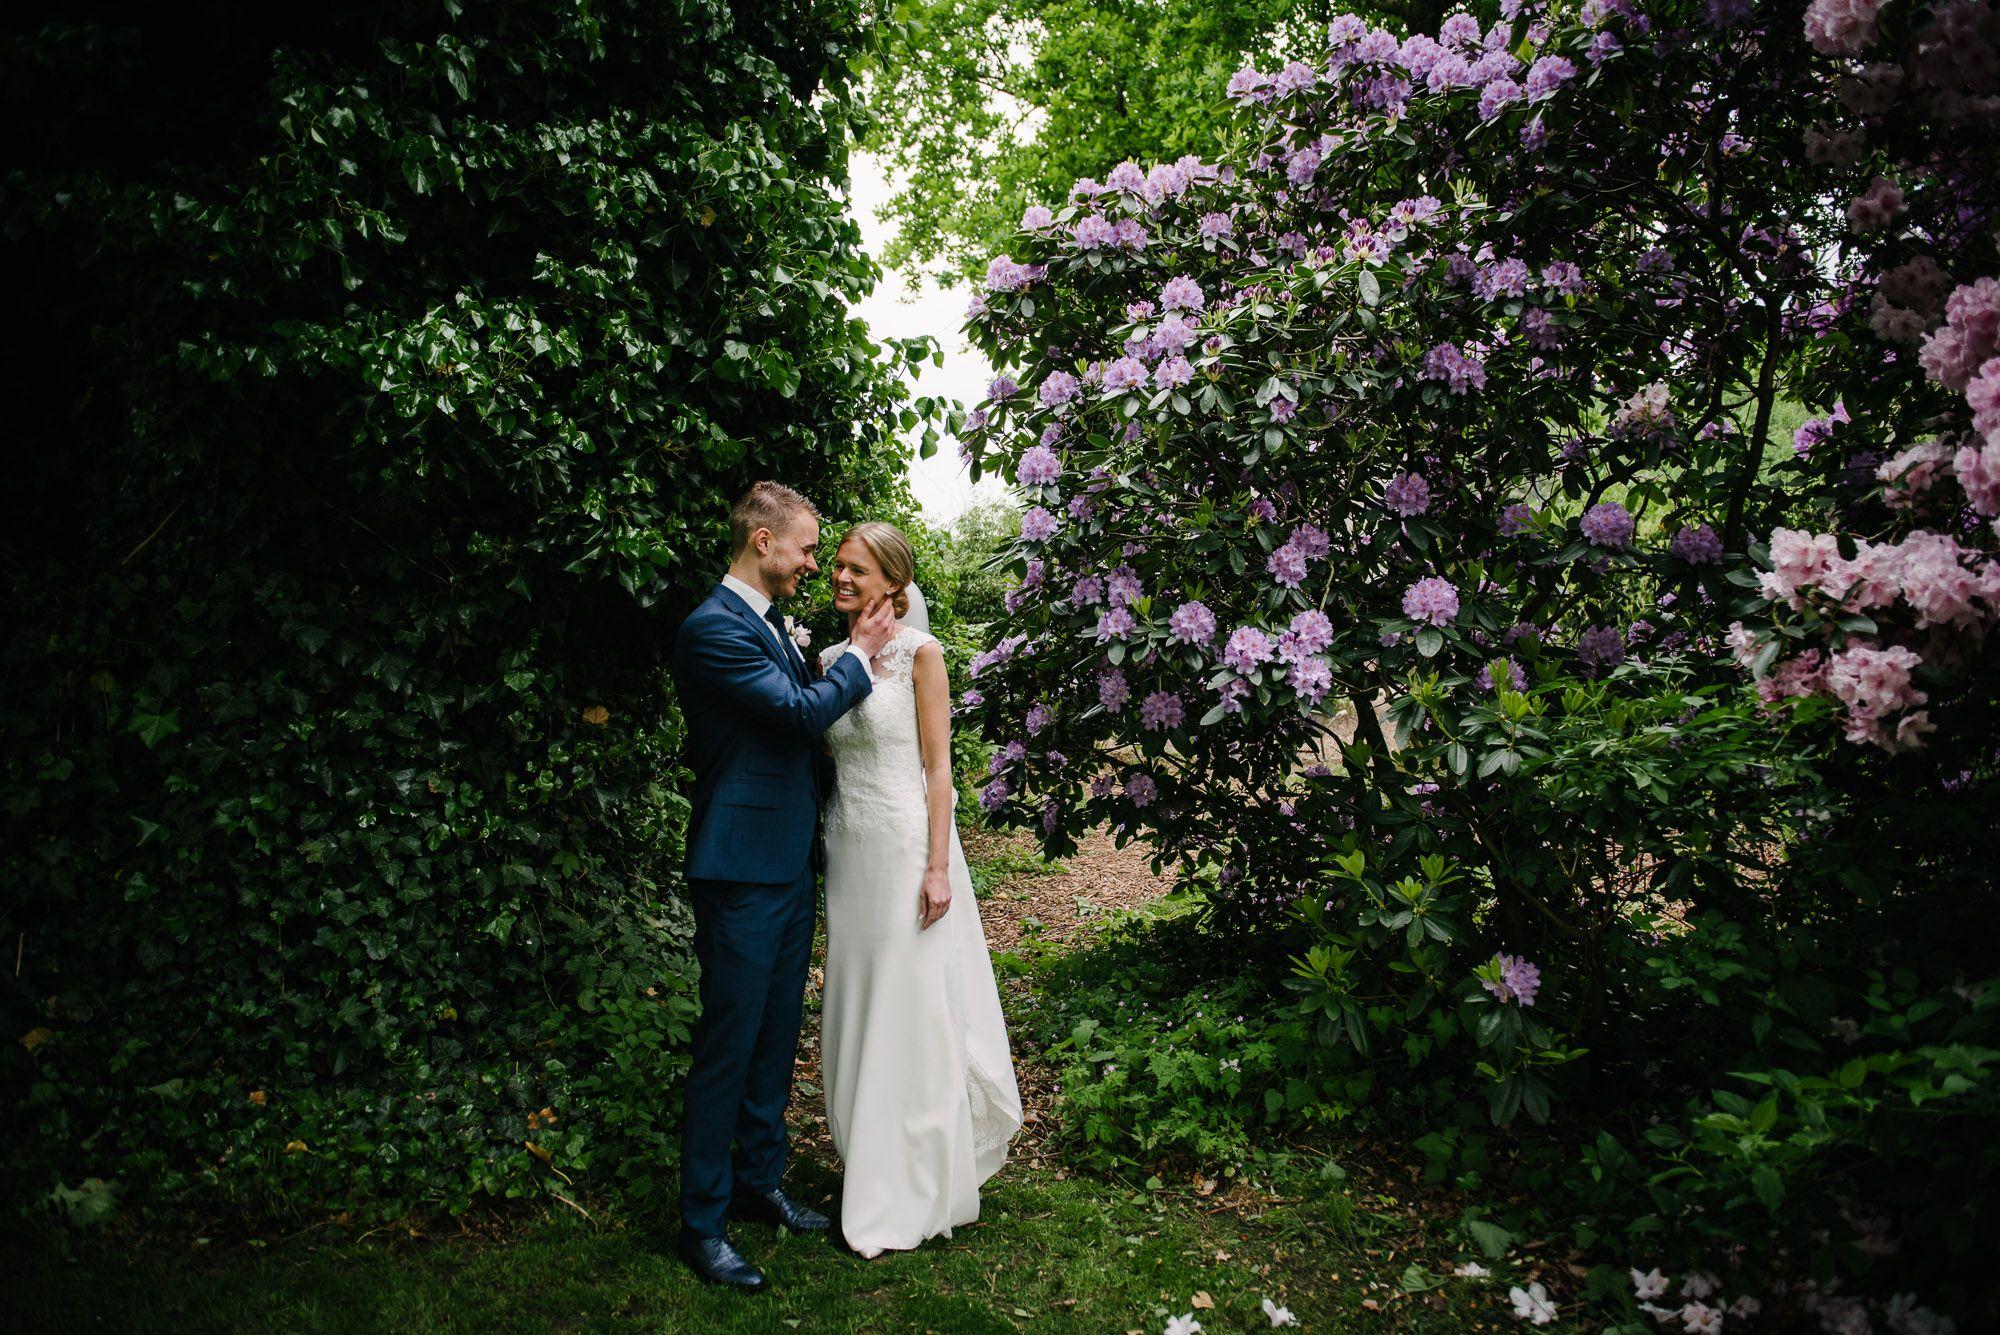 fotograaf trouwen brabant